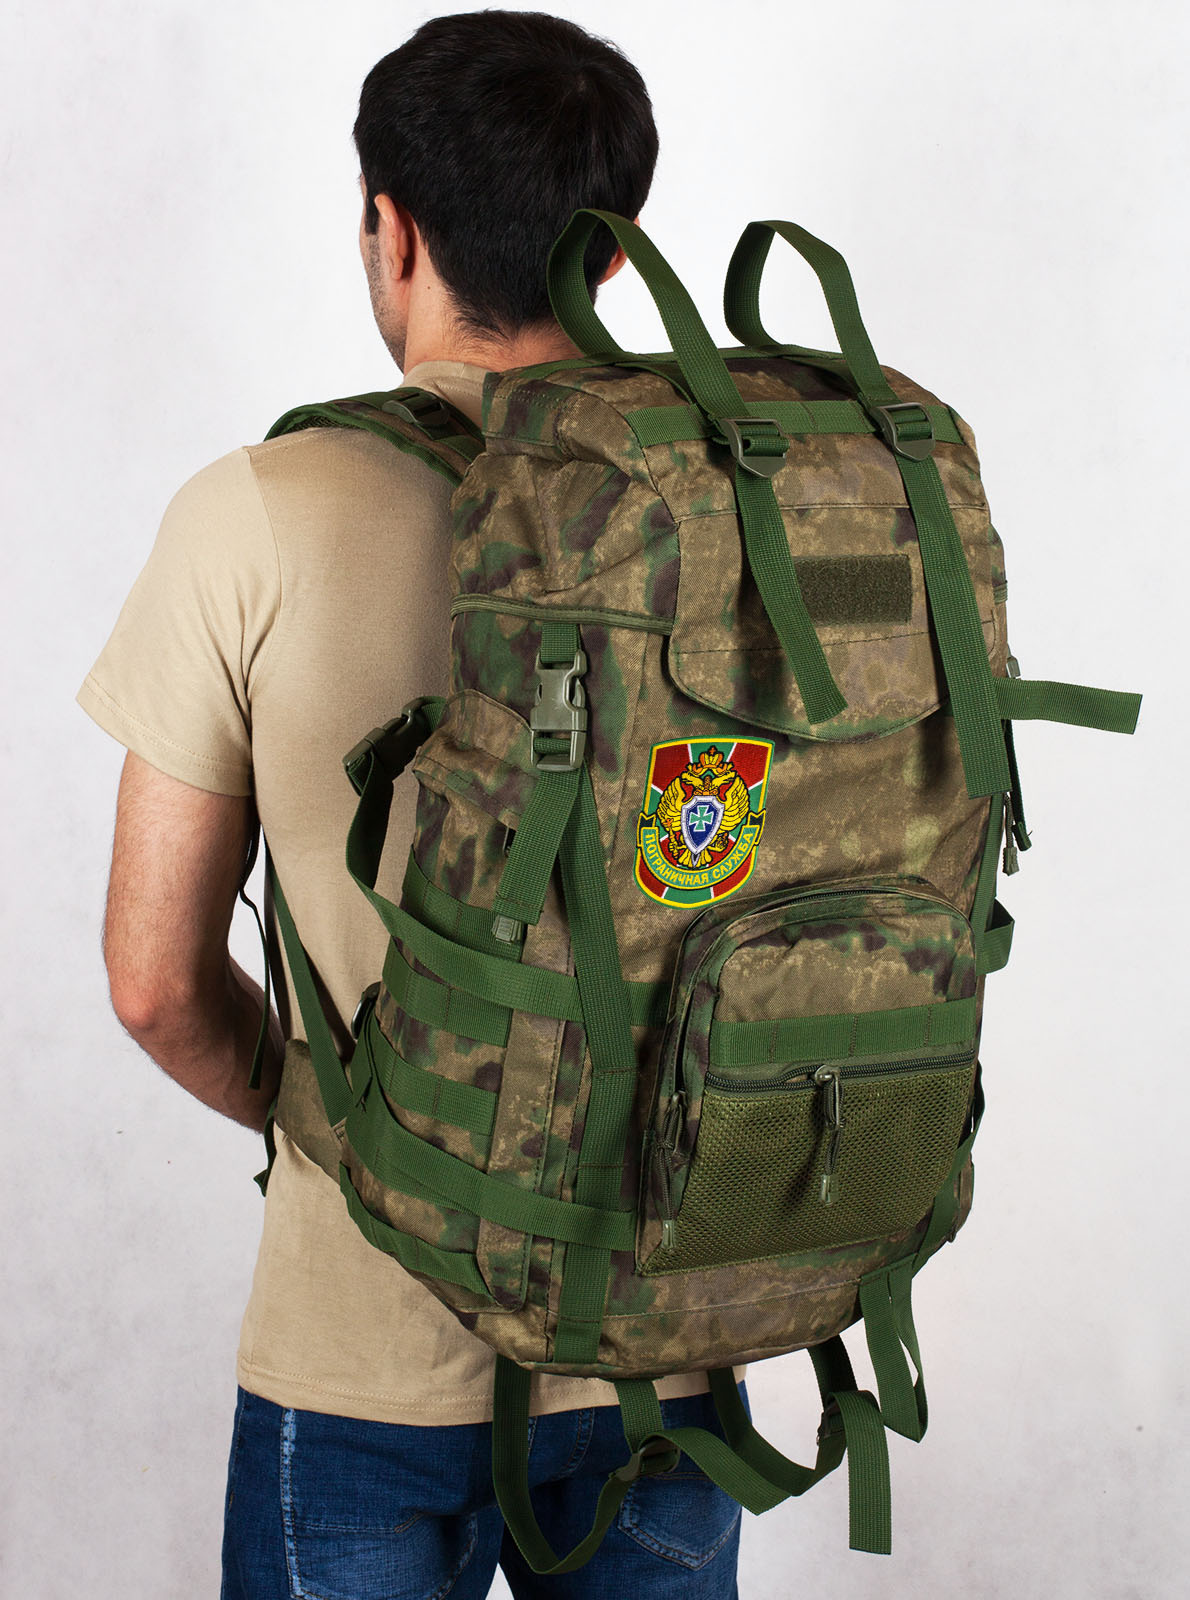 Походный камуфляжный рюкзак с военной нашивкой Пограничной службы - заказать с доставкой